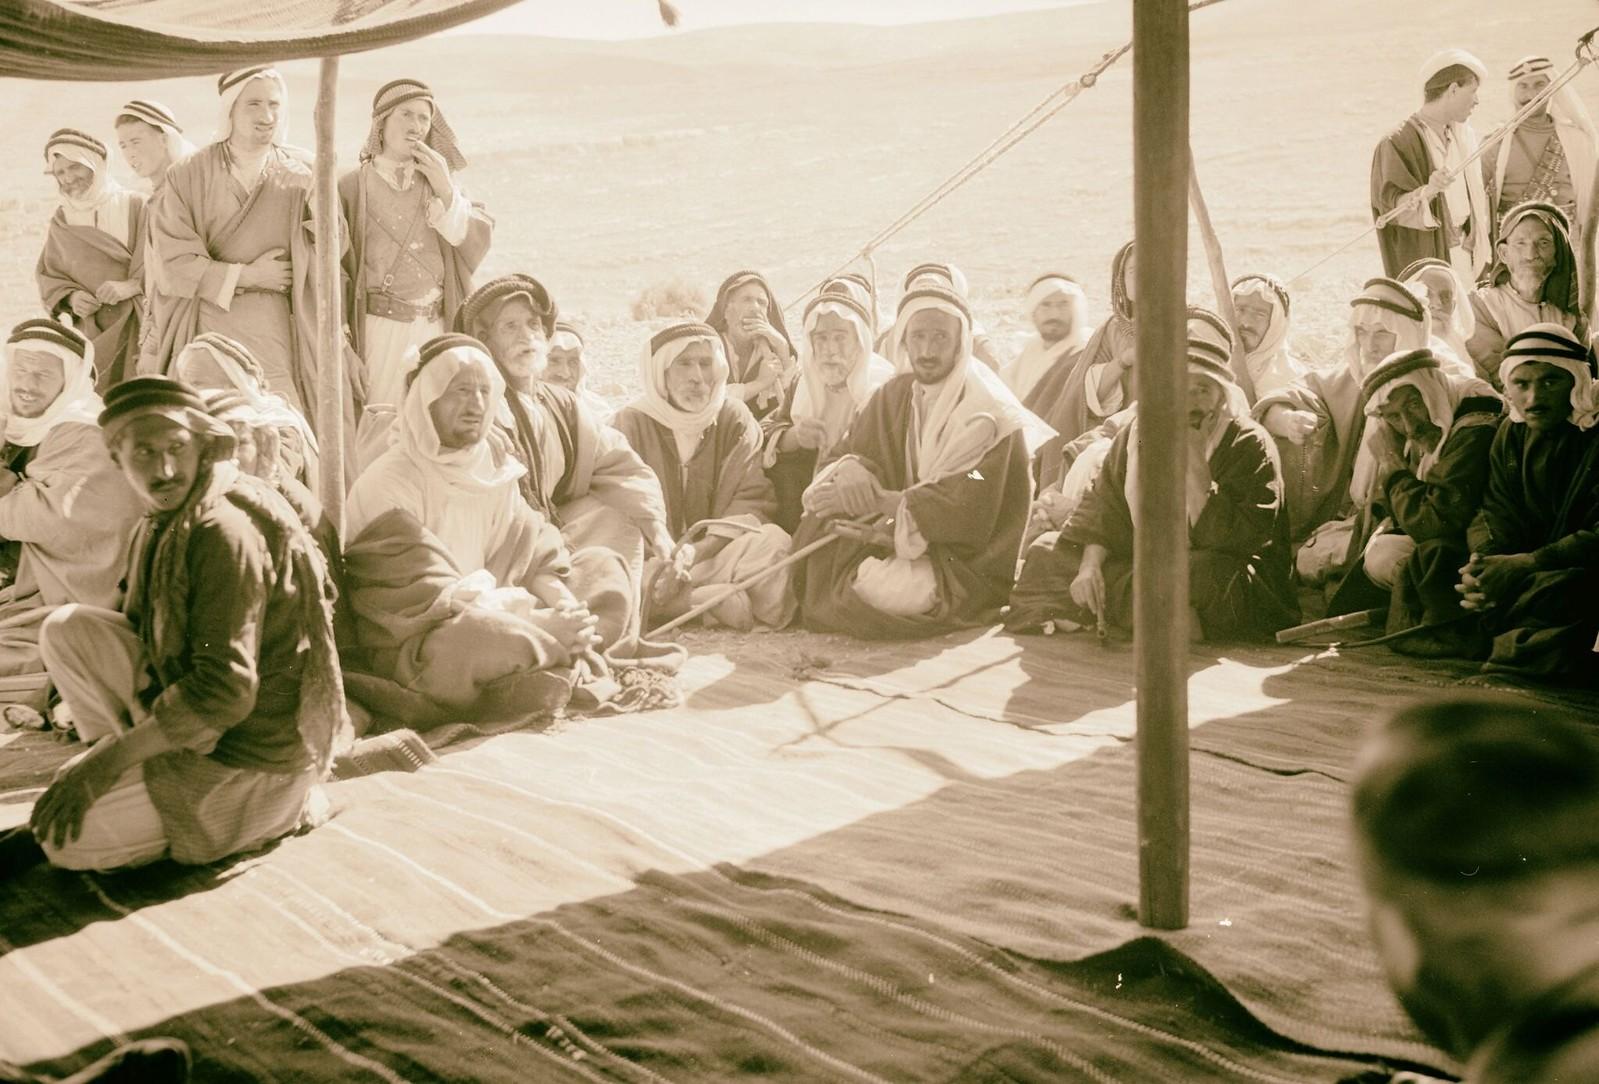 11. Открытие дополнительного источника воды в Айн-Хамде на юго-востоке Вифлеема. Группа бедуинов в палатке для приема гостей